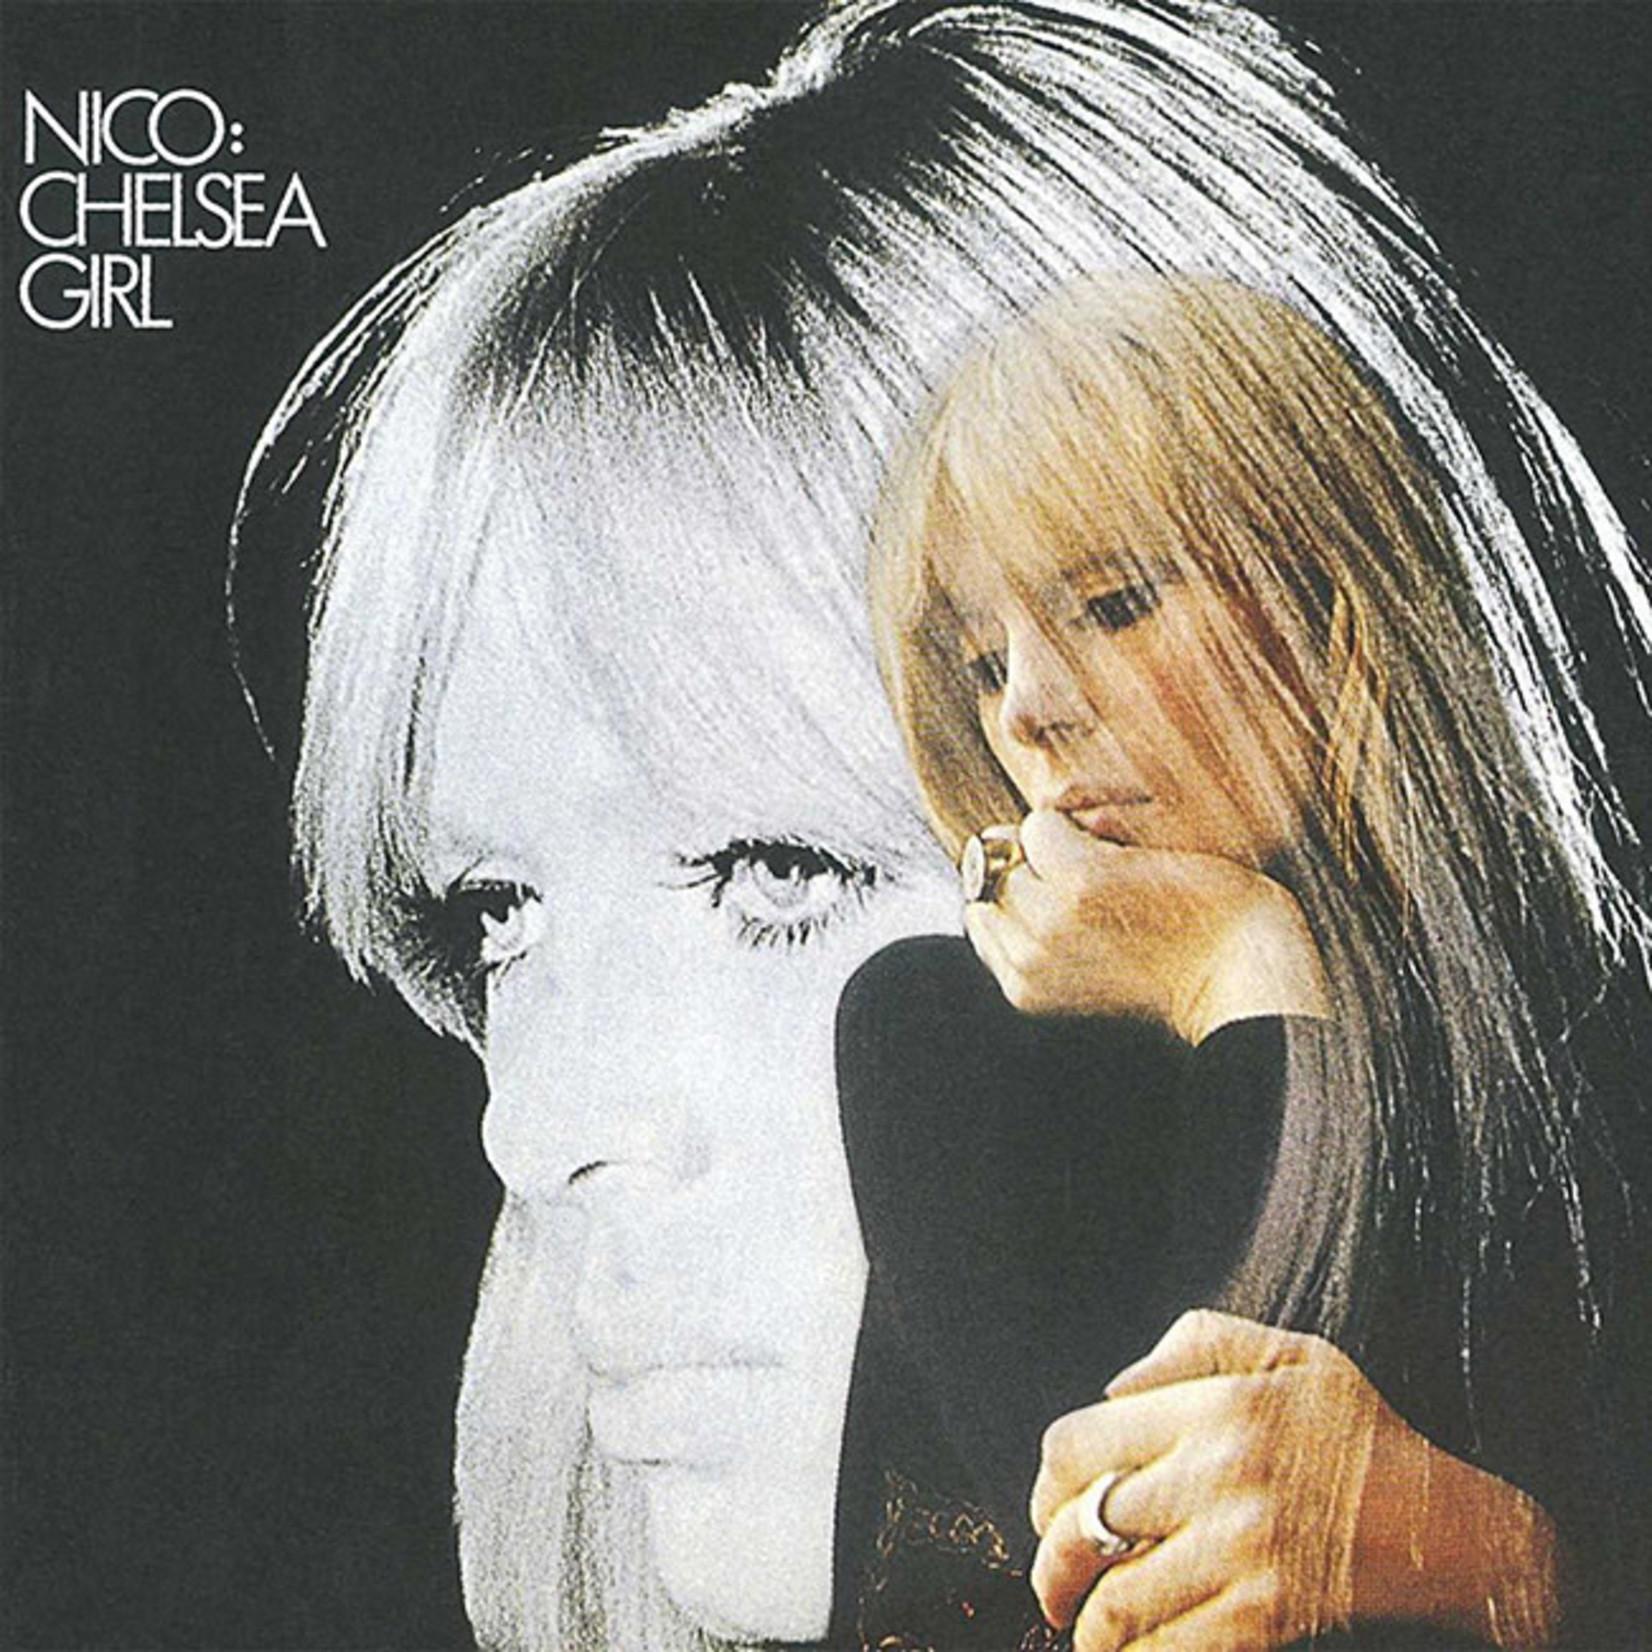 [New] Nico (Velvet Underground): Chelsea Girl